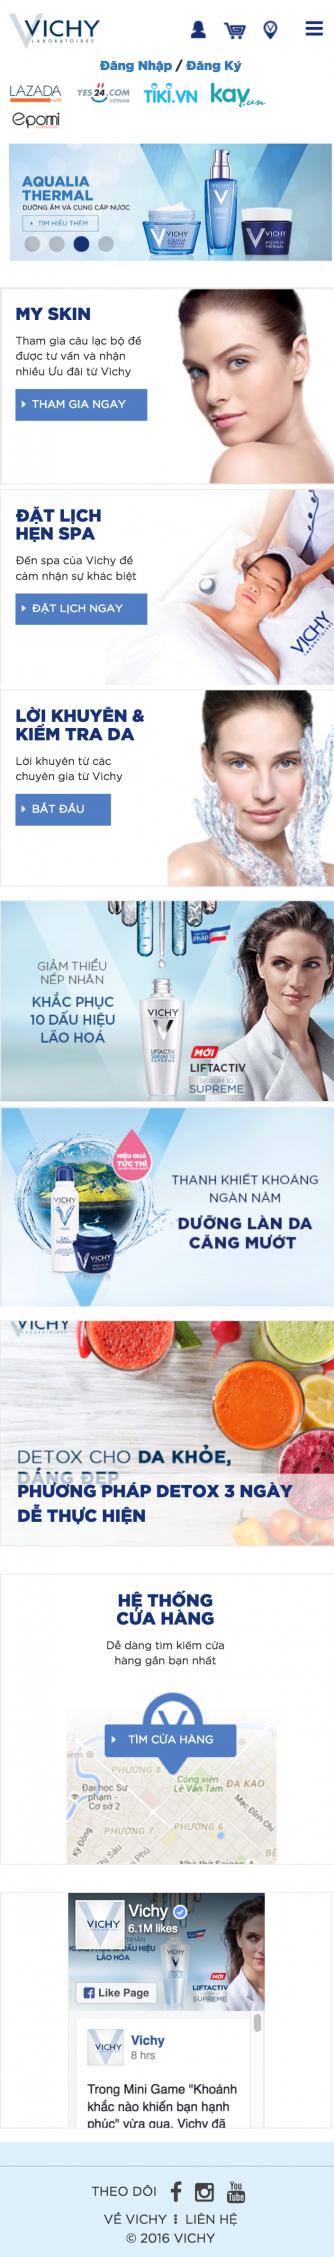 VICHY VIỆT NAM giao diện điện thoại